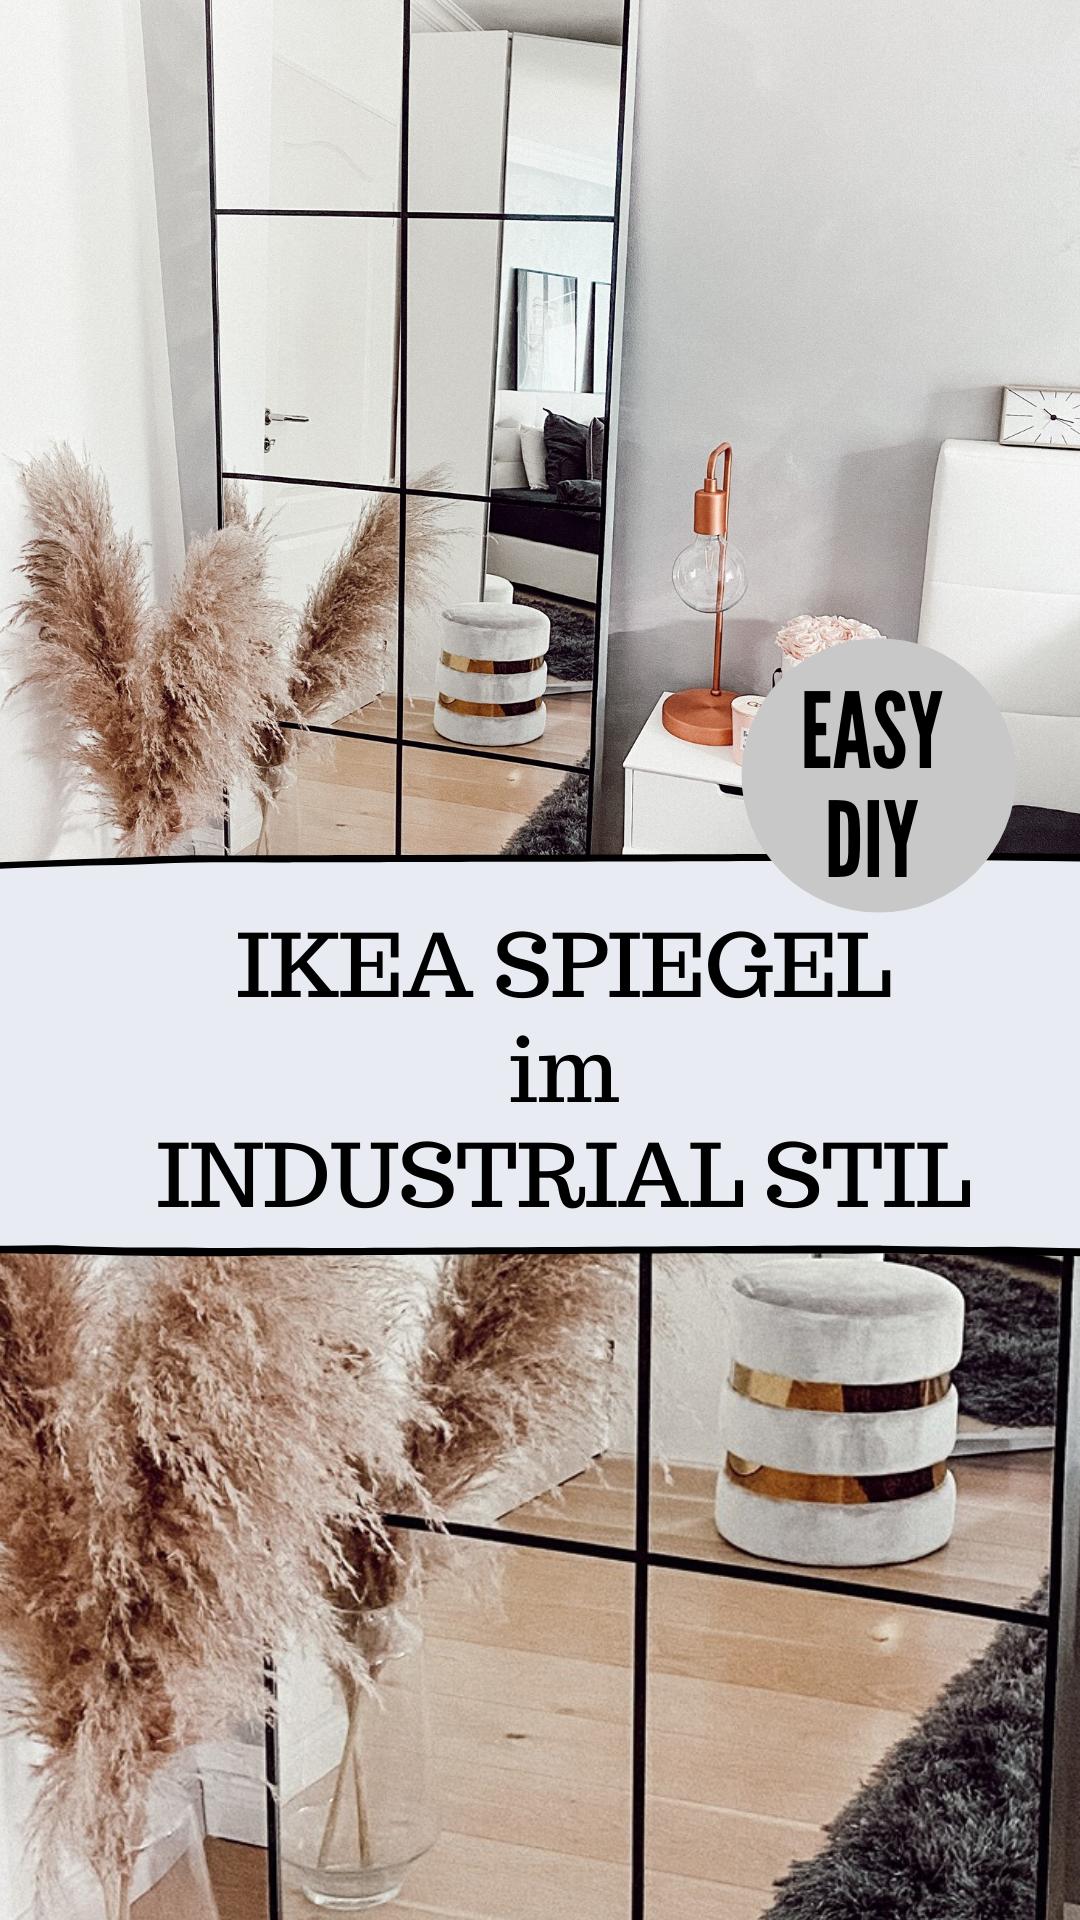 Photo of SPIEGEL IM INDUSTRIAL STIL DIY – GRID MIRROR IKEAHACK SUPER EINFACH – Unalife